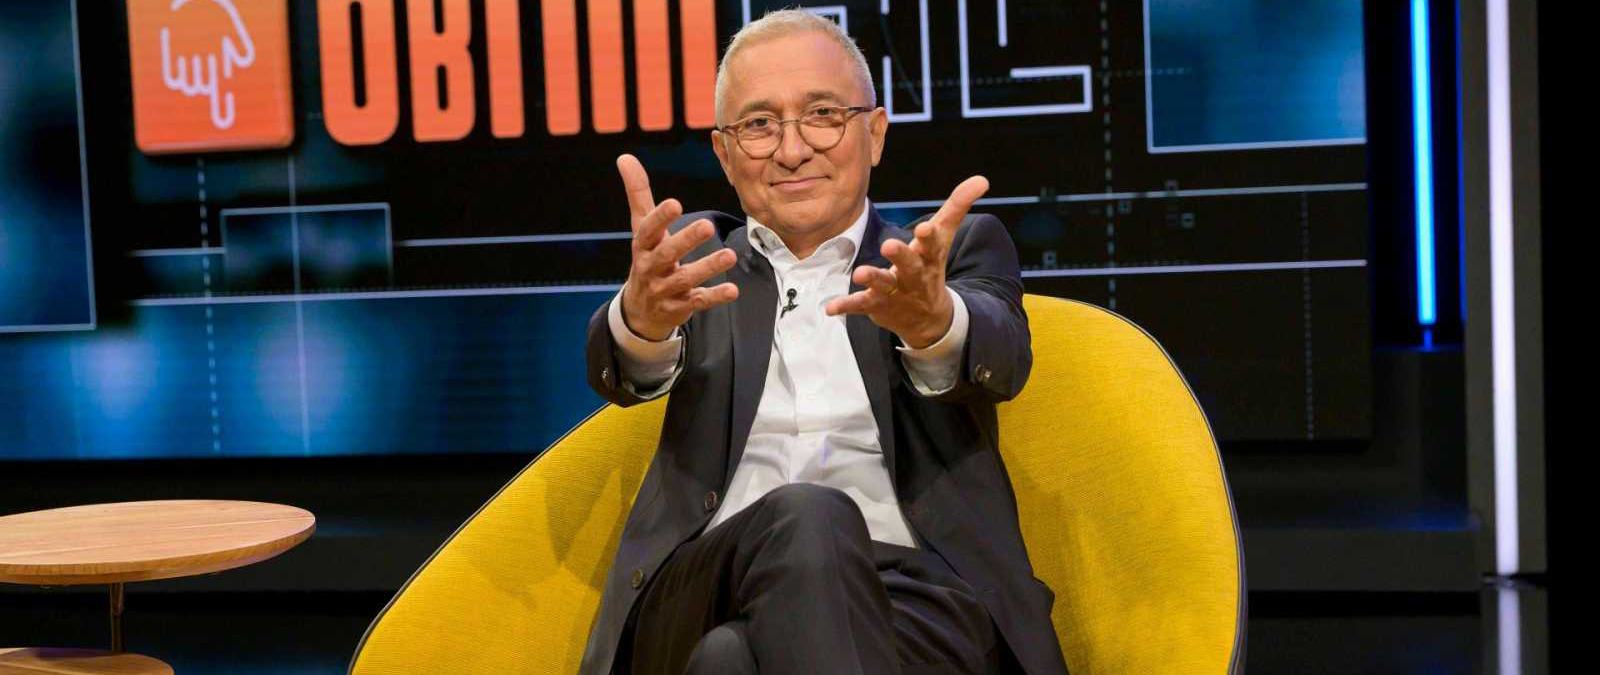 Xavier Sardà a 'Obrim fil' - TVE